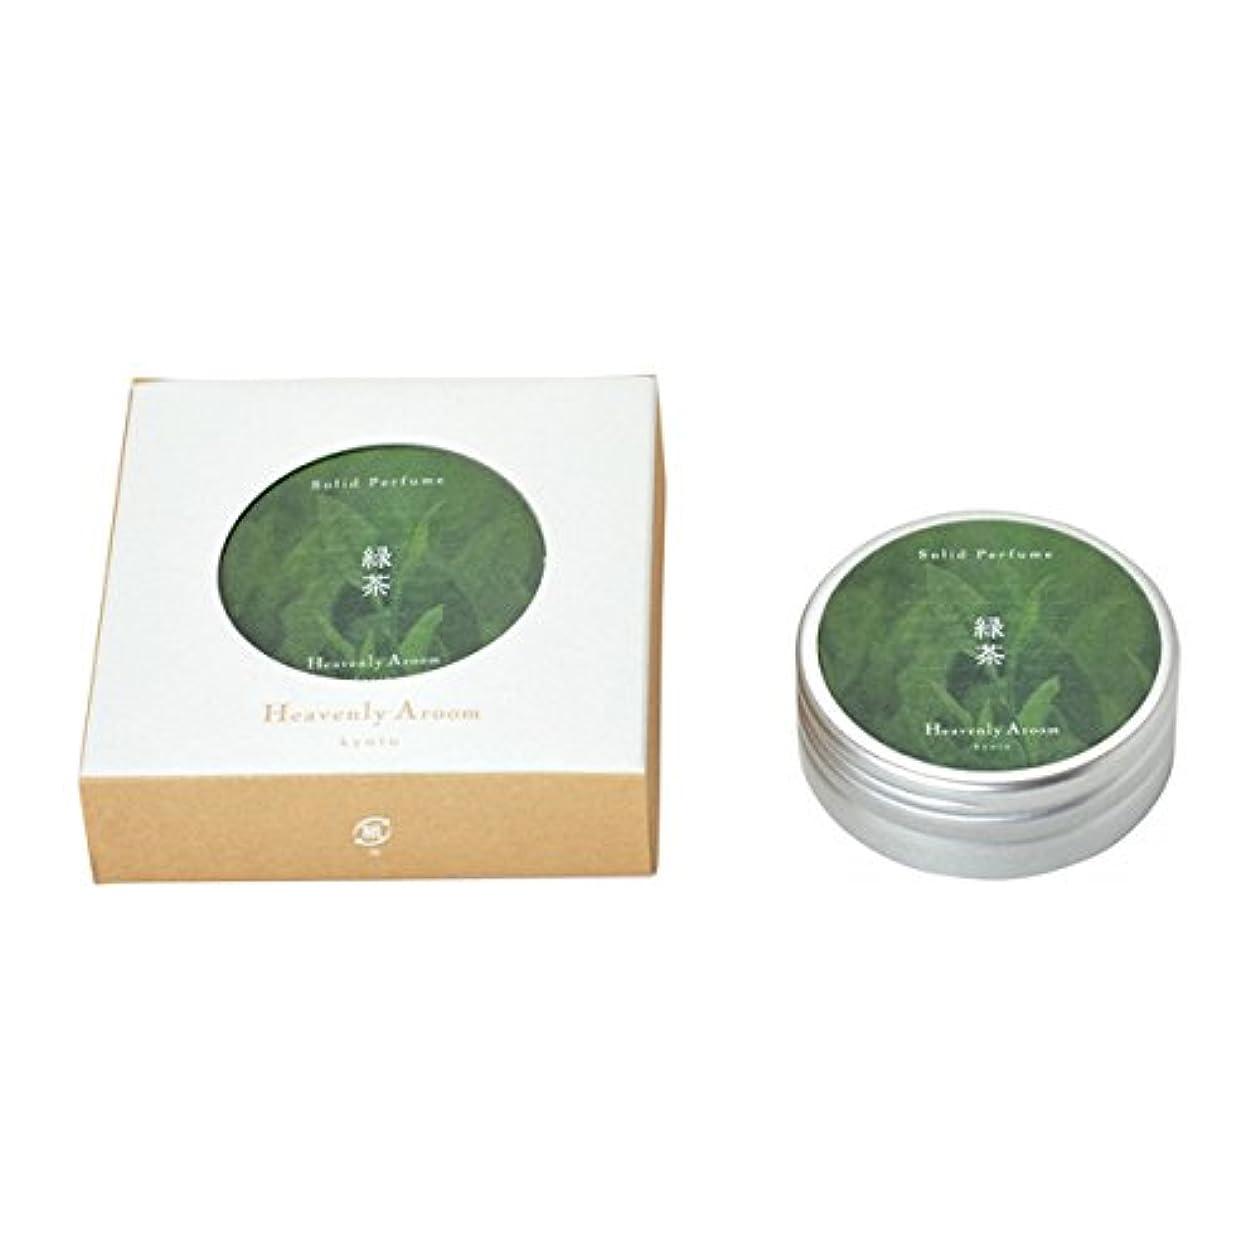 円周現金昆虫Heavenly Aroom ソリッドパフューム 緑茶 15g